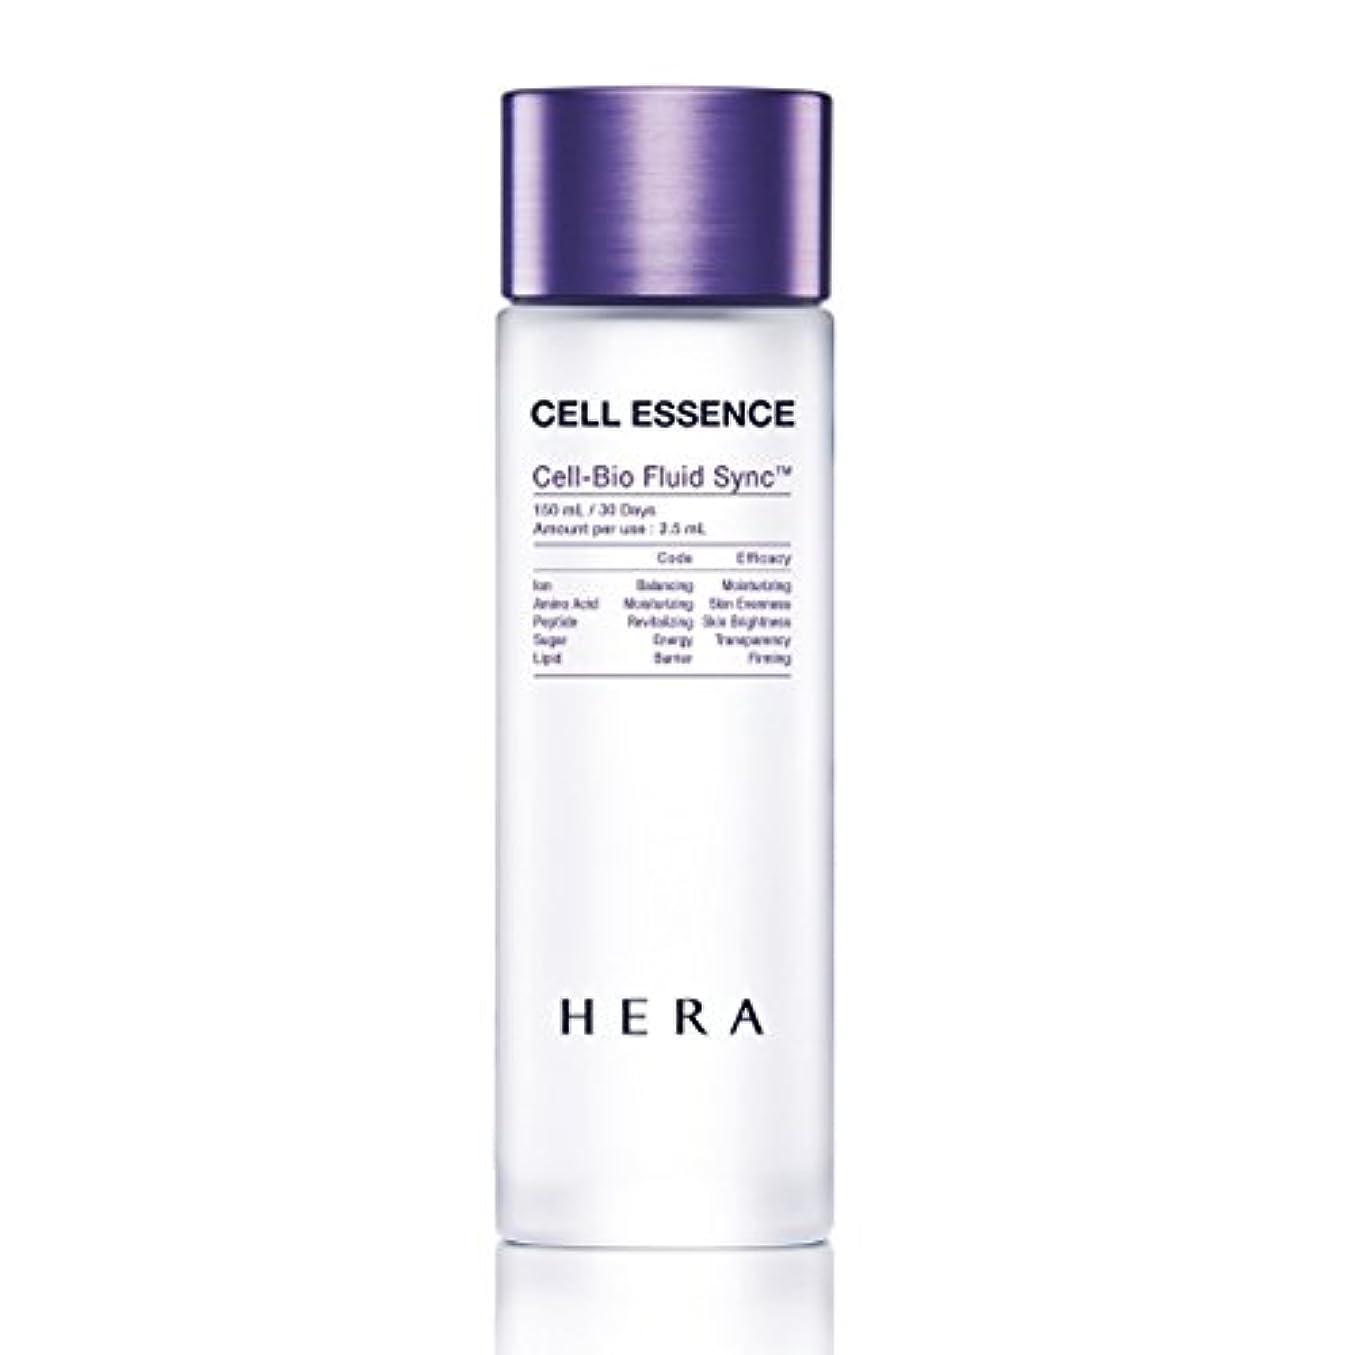 上記の頭と肩地下室ラッチ[ヘラ/HERA]HERA CELL ESSENCE/ヘラ セル エッセンス 150ml【美容液】(海外直送品)